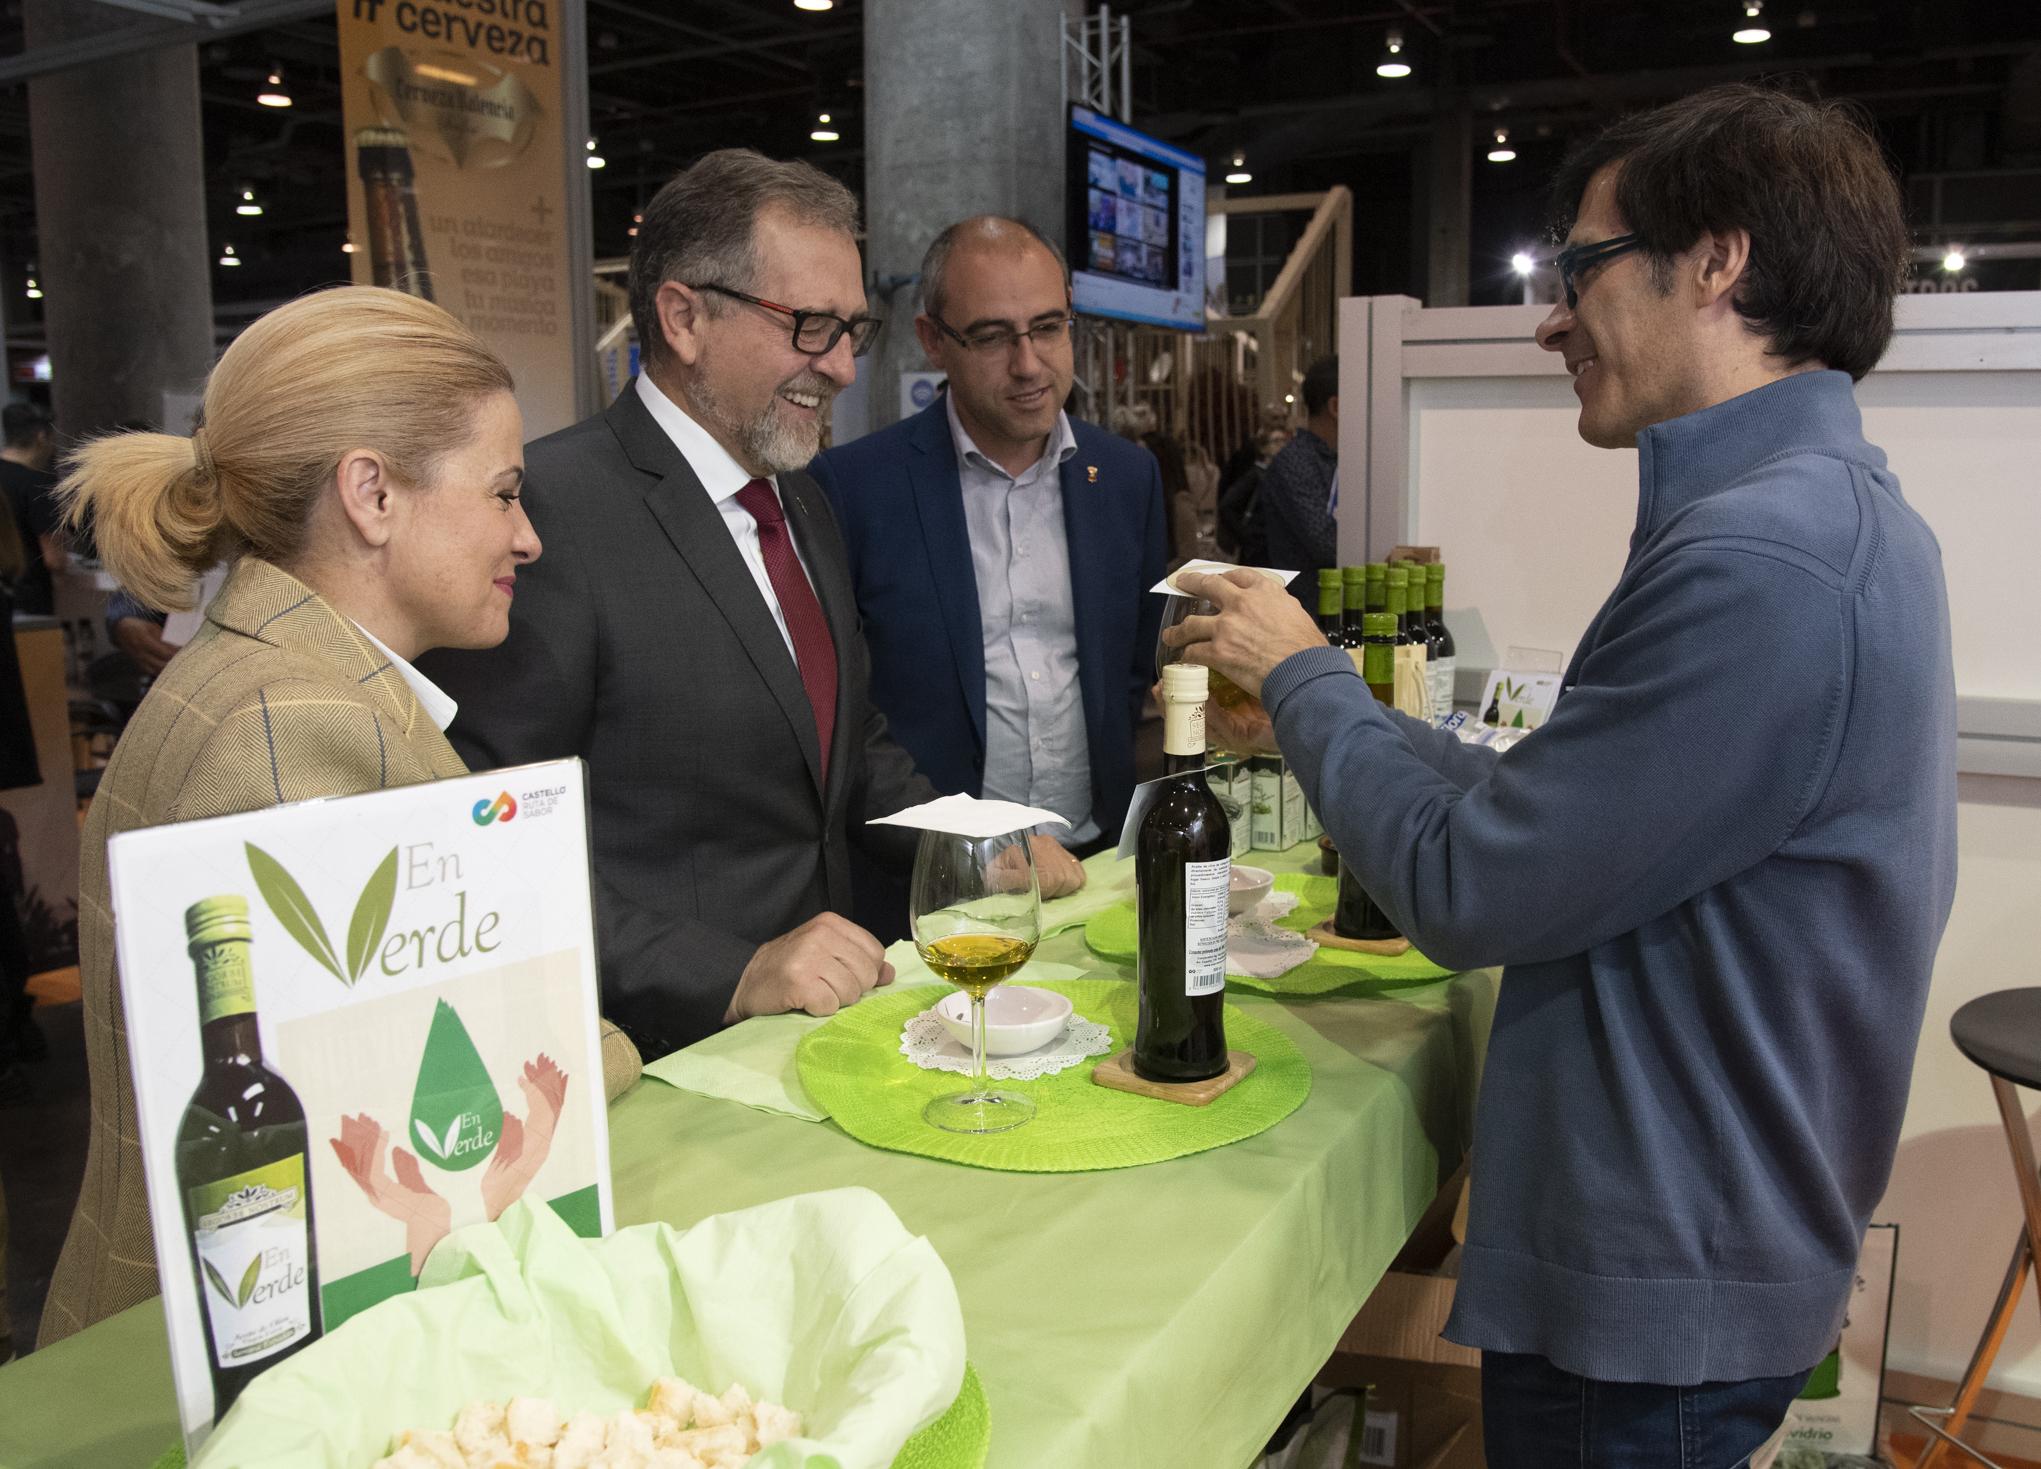 El cicloturisme i la gastronomia protagonitzen l'oferta turística de la Diputació de Castelló en FITUR 2020